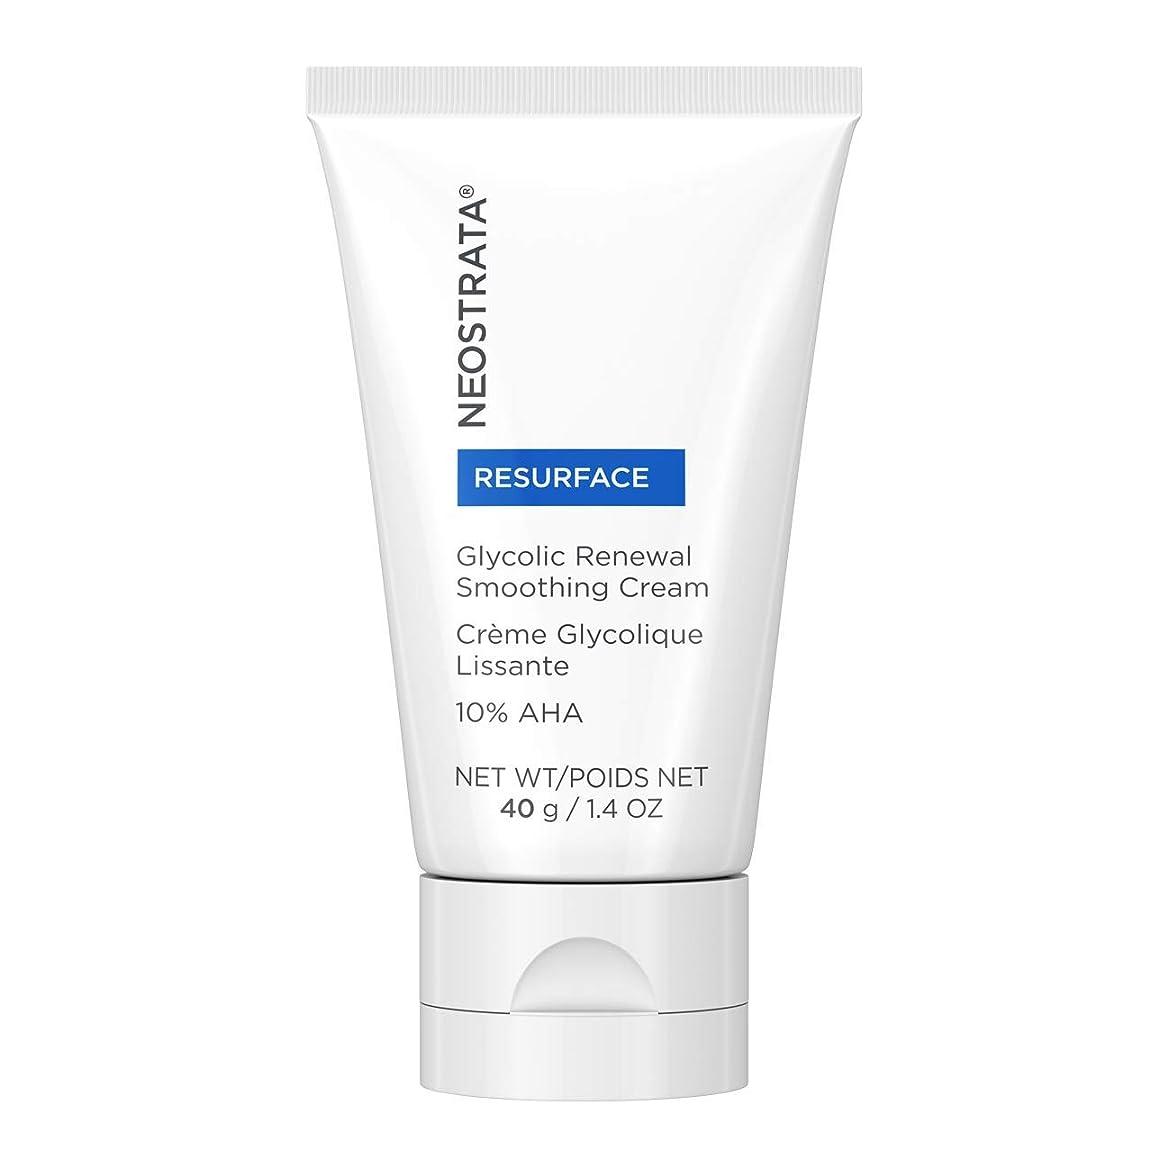 再発するセレナスパイネオストラータ Resurface - Glycolic Renewal Smoothing Cream 40g/1.4oz並行輸入品